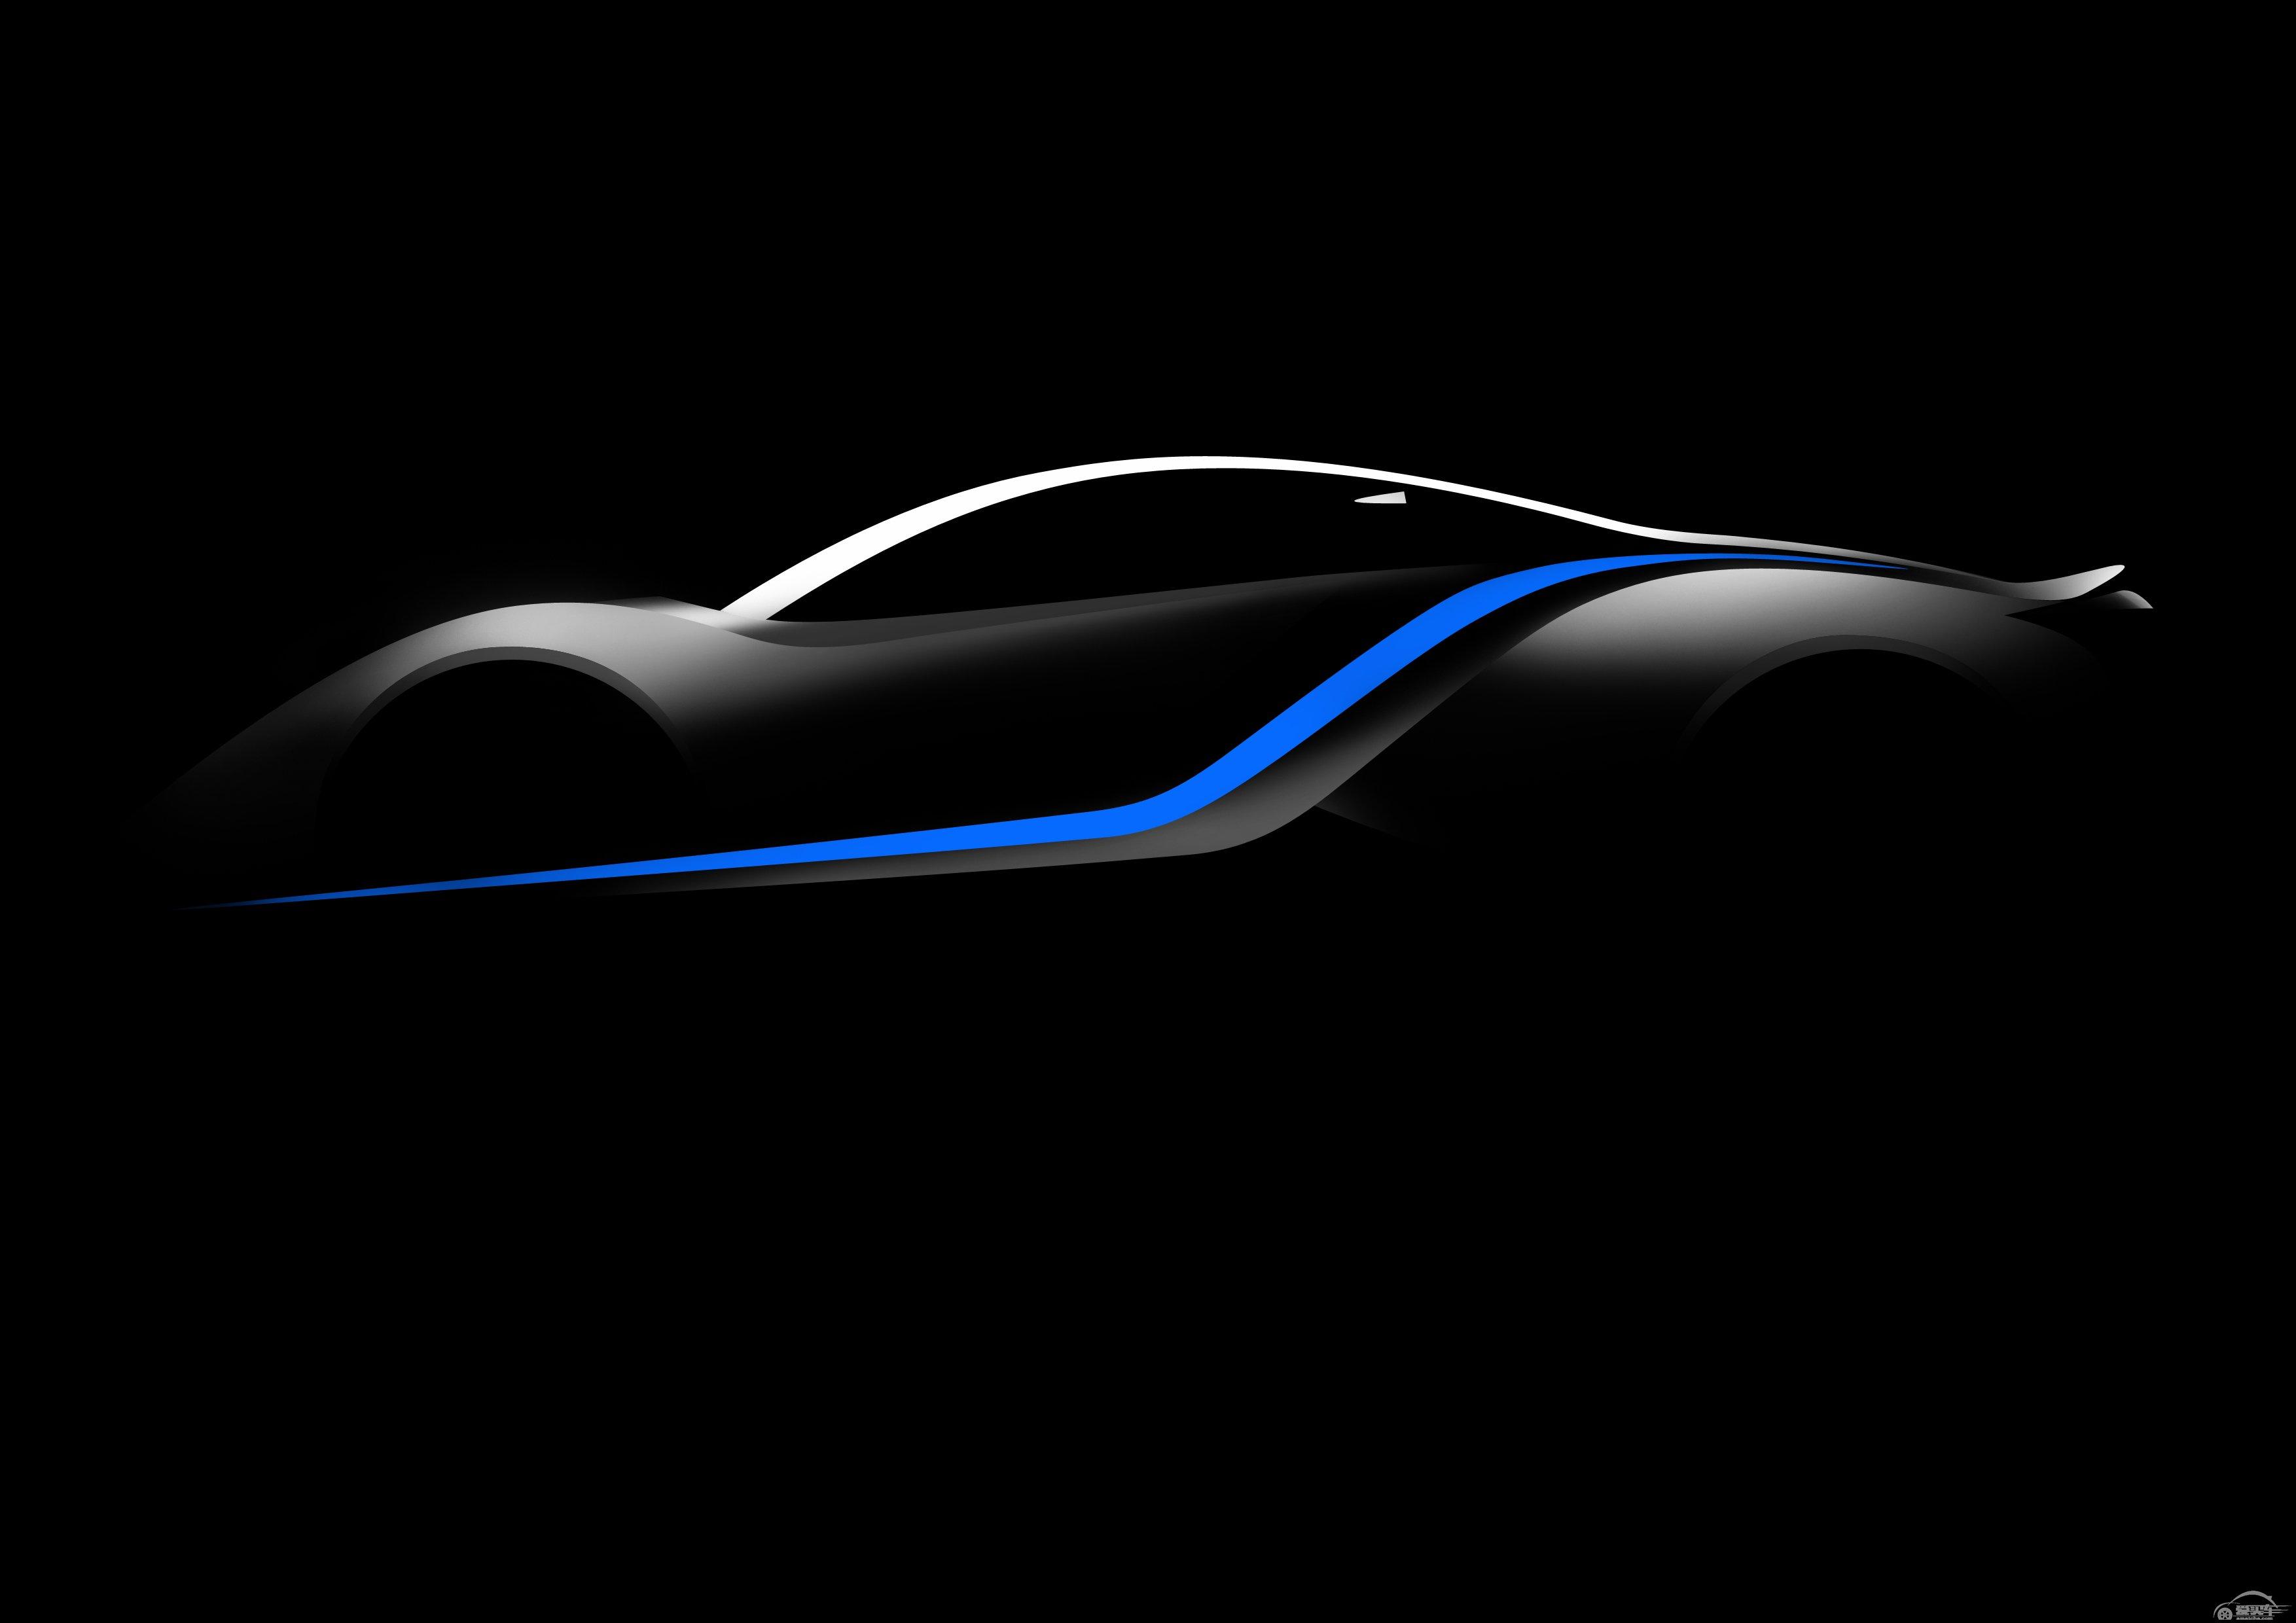 考虑到未来新能源汽车轻量化车身的趋势,超级跑车车身等关键部件采用